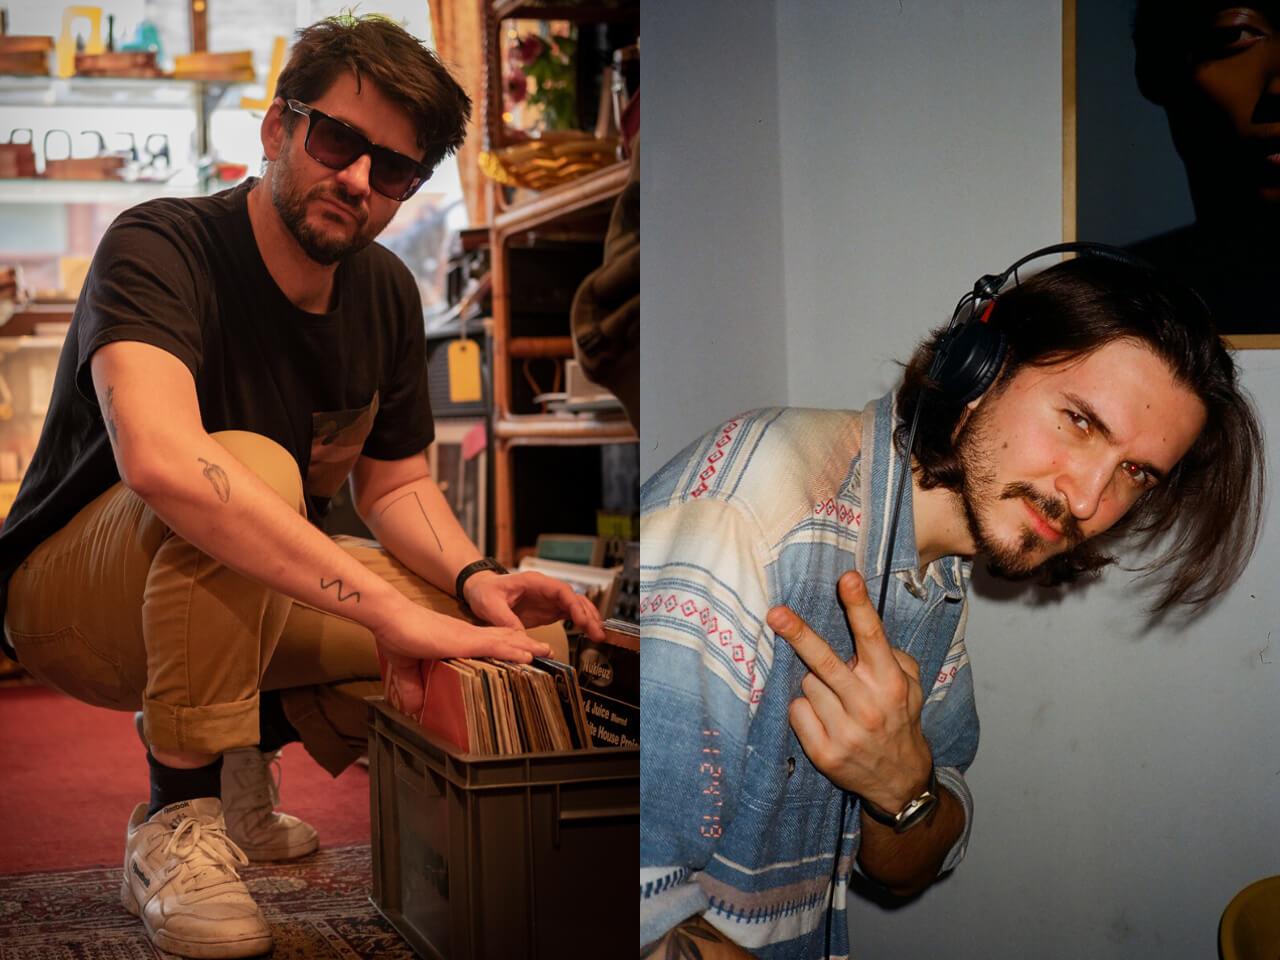 DJ Kozber & Miraż – After party